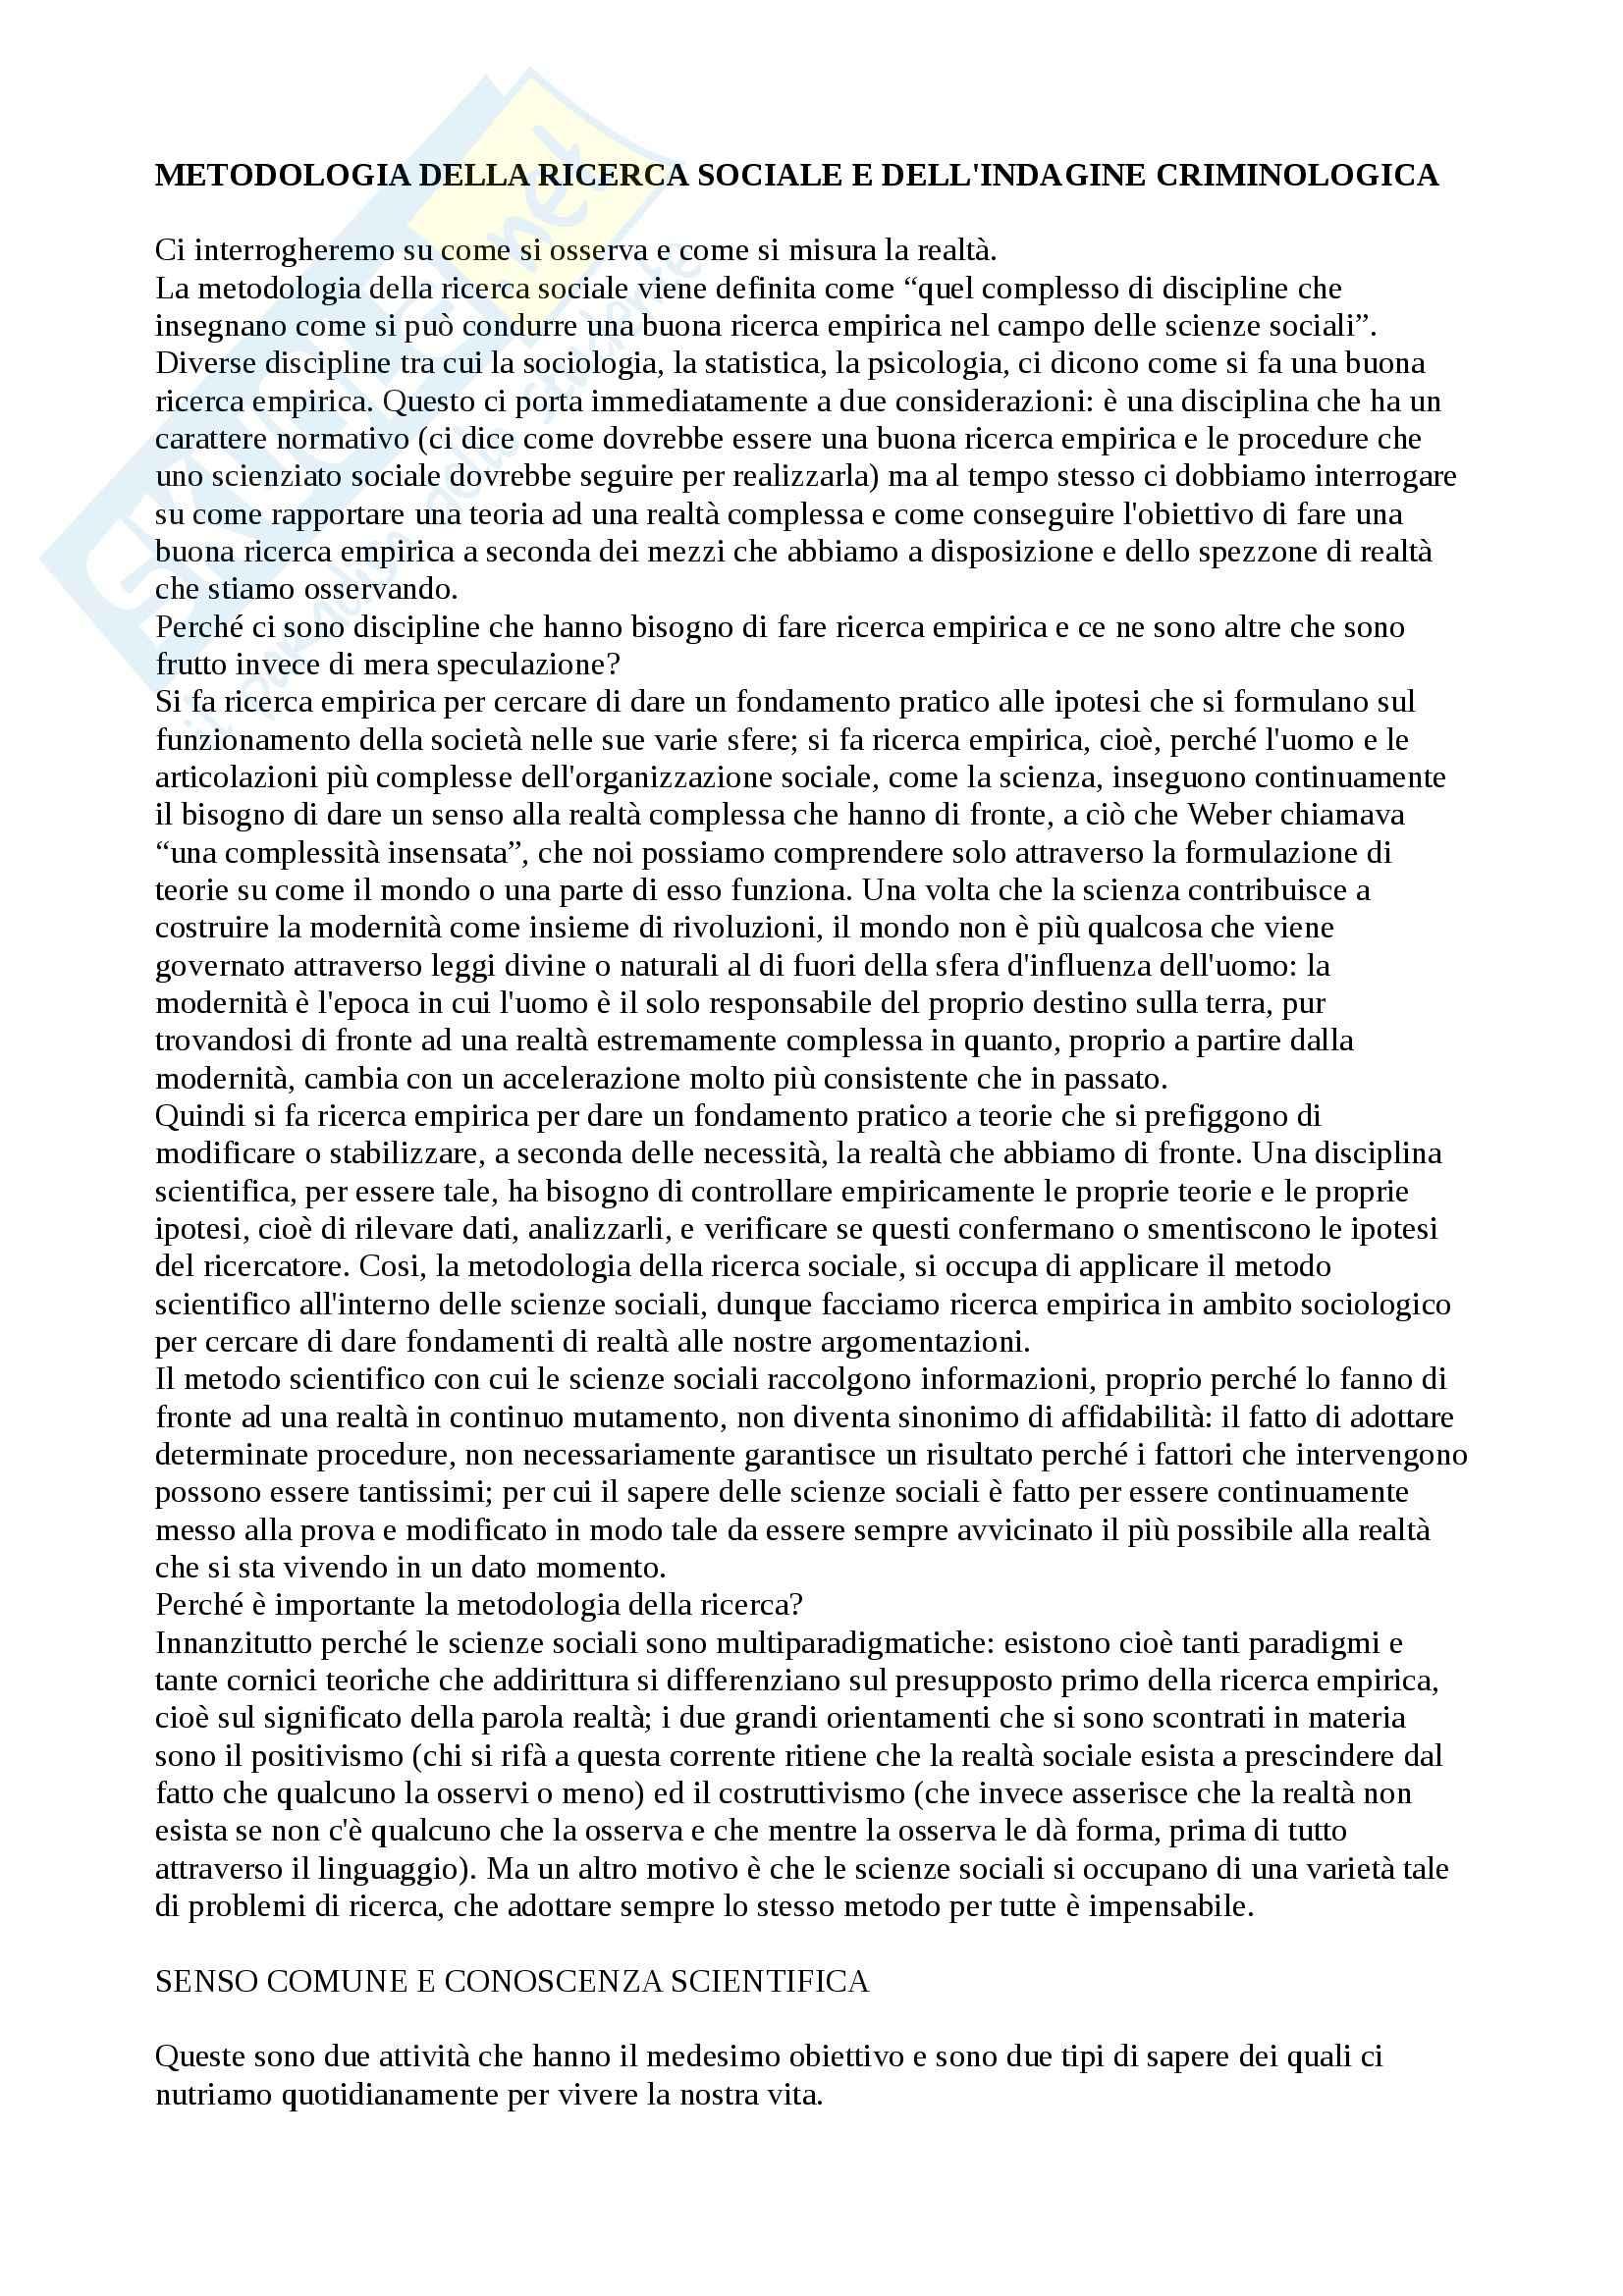 Metodologia della ricerca sociale e dell'indagine criminologica - Appunti Pag. 1